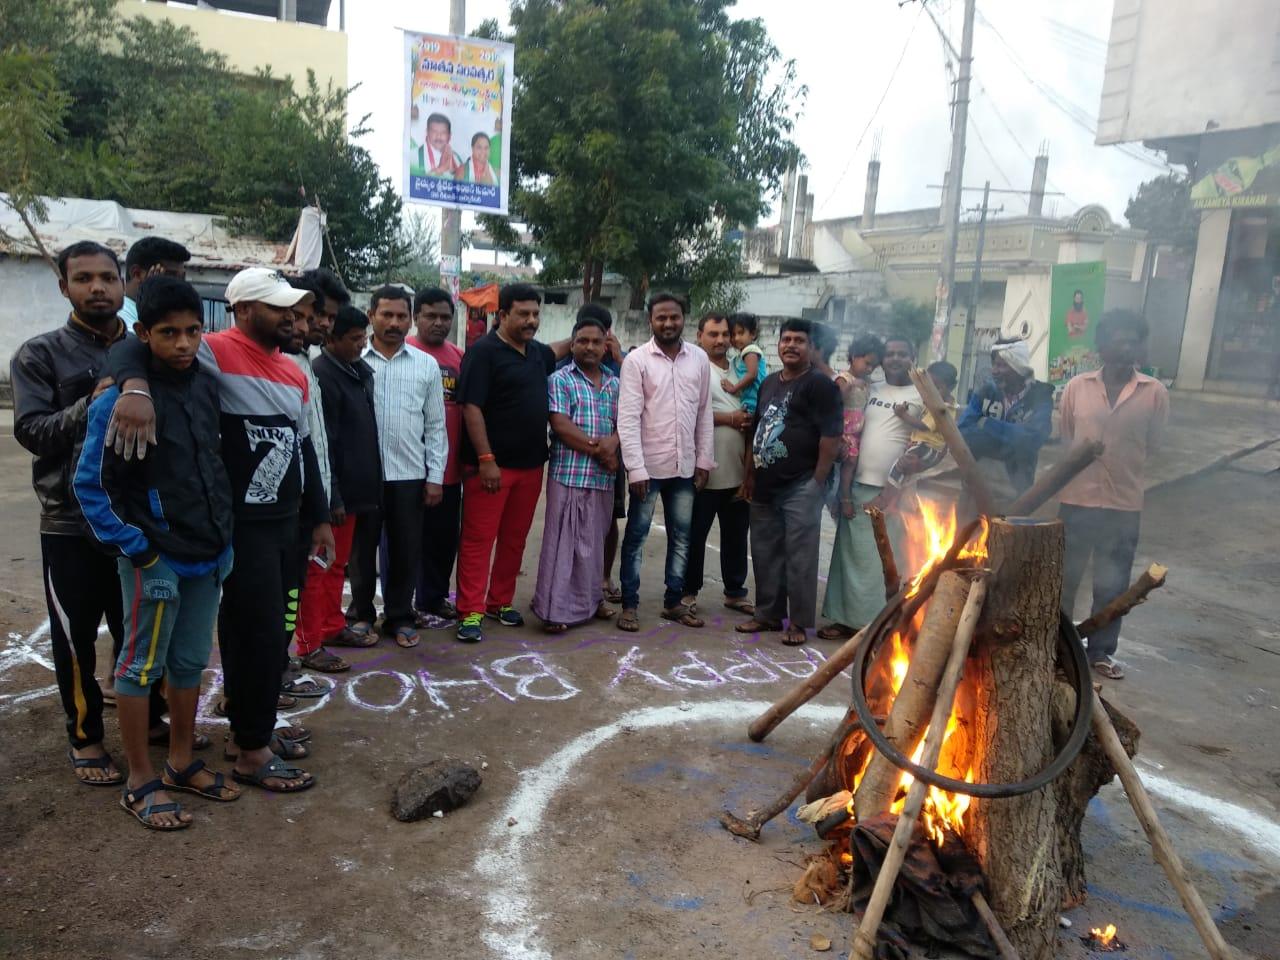 తెలుగు రాష్ట్రాల్లో ఘనంగా భోగి మంటలు